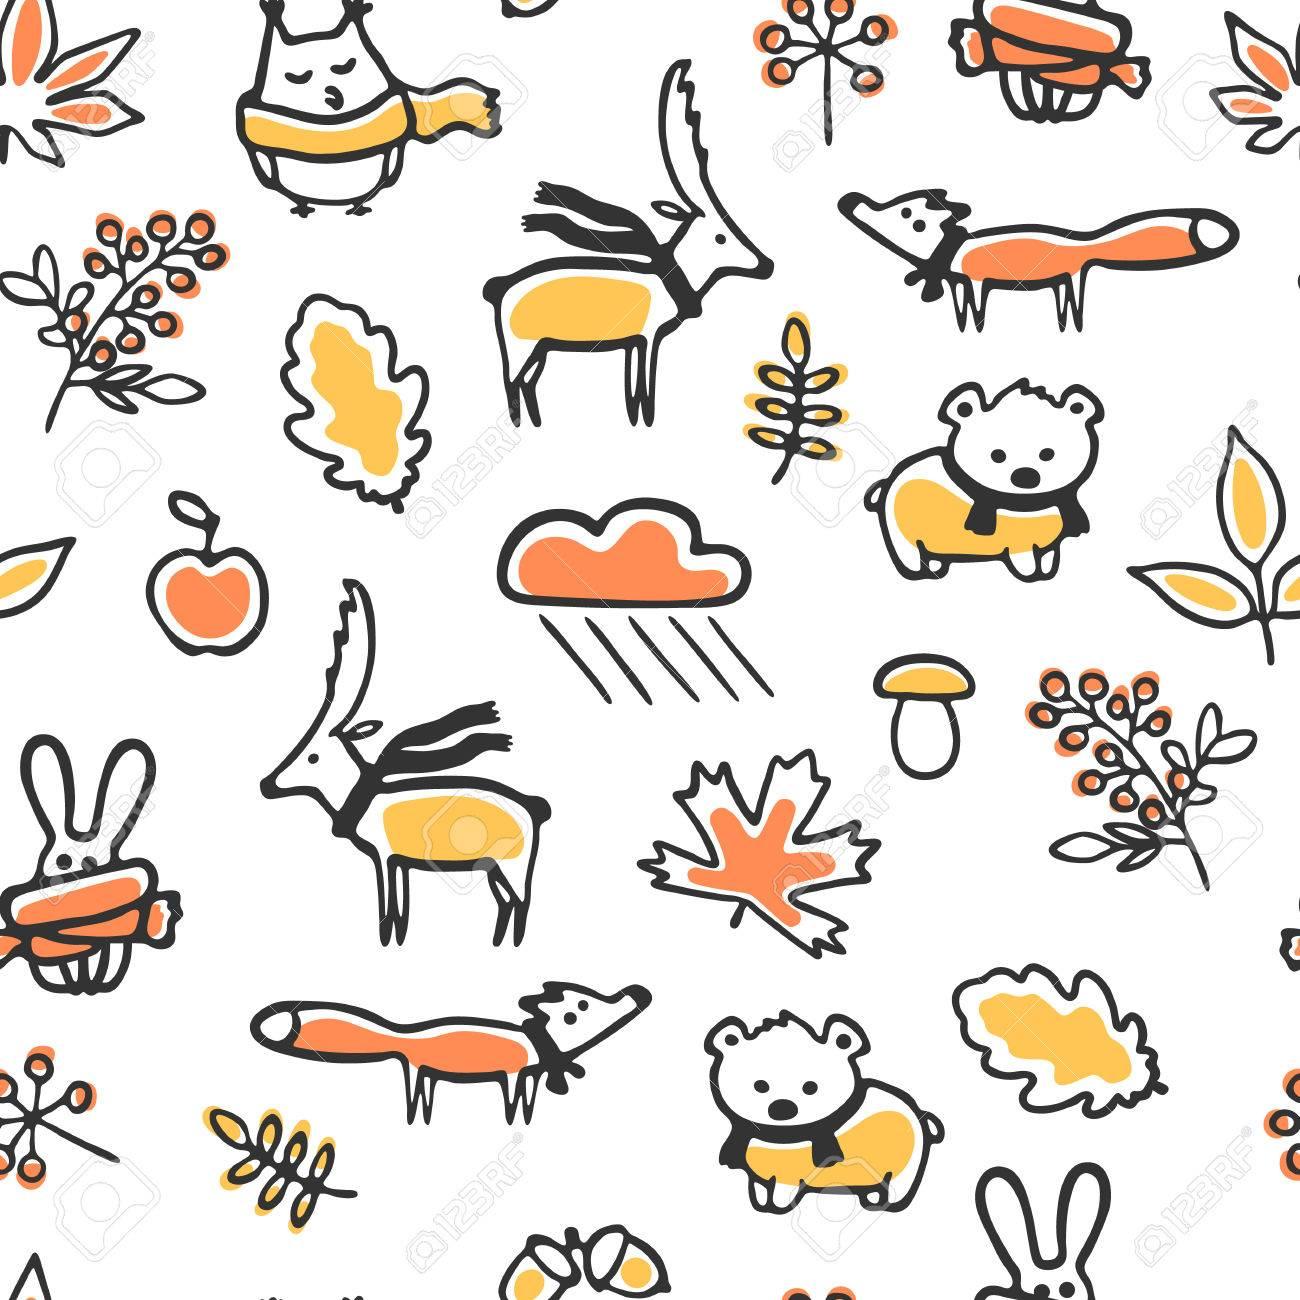 落書き秋イラストでシームレスなパターン。かわいい動物は、スカーフを